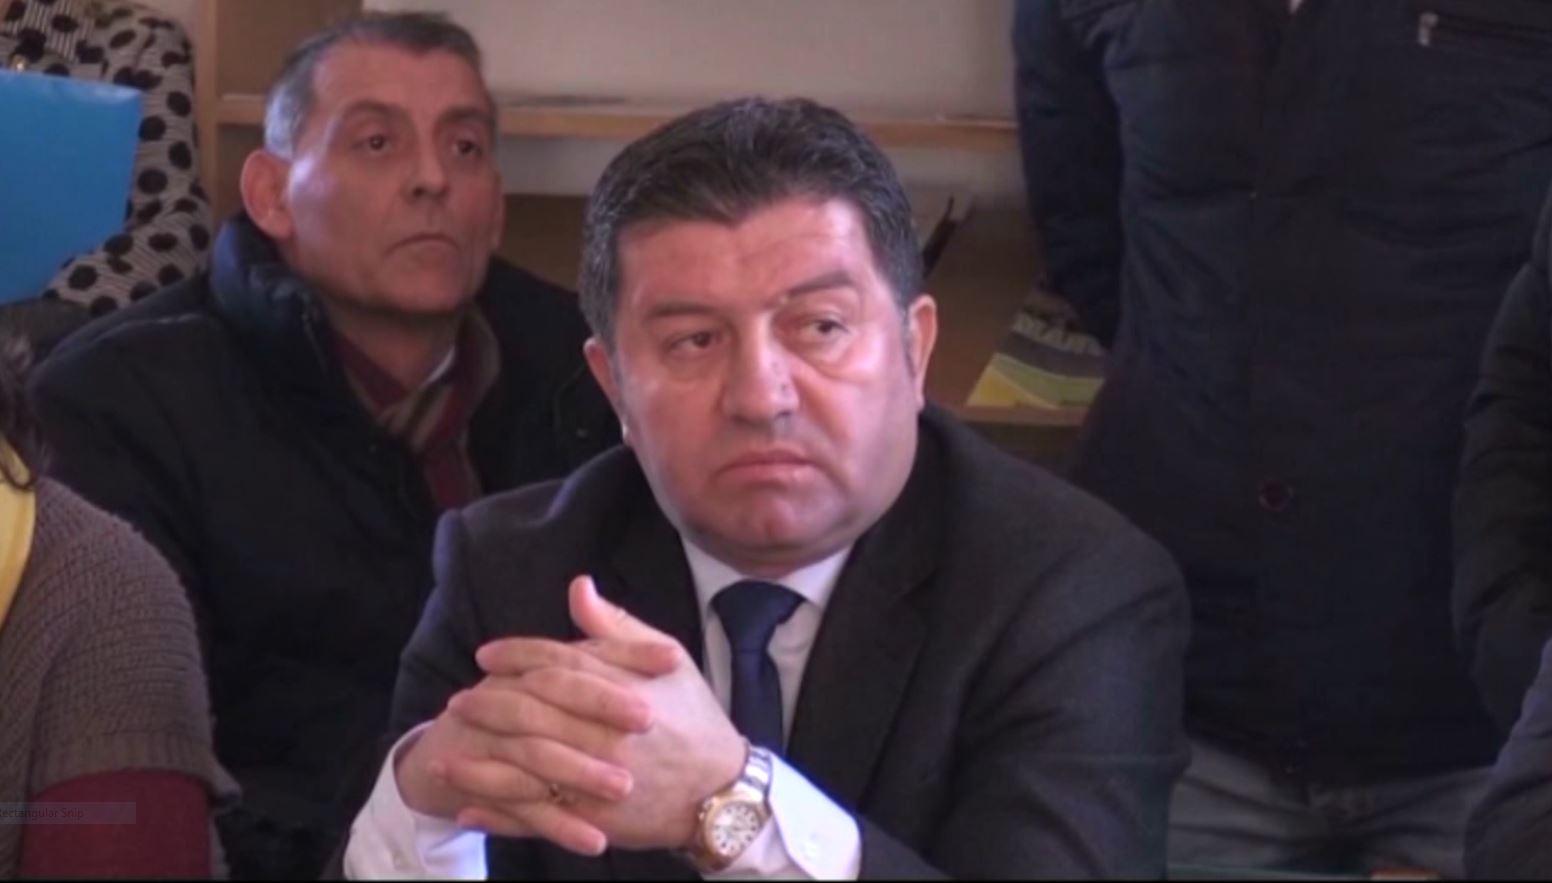 Hetohet në gjendje të lirë kryebashkiaku i Lezhës